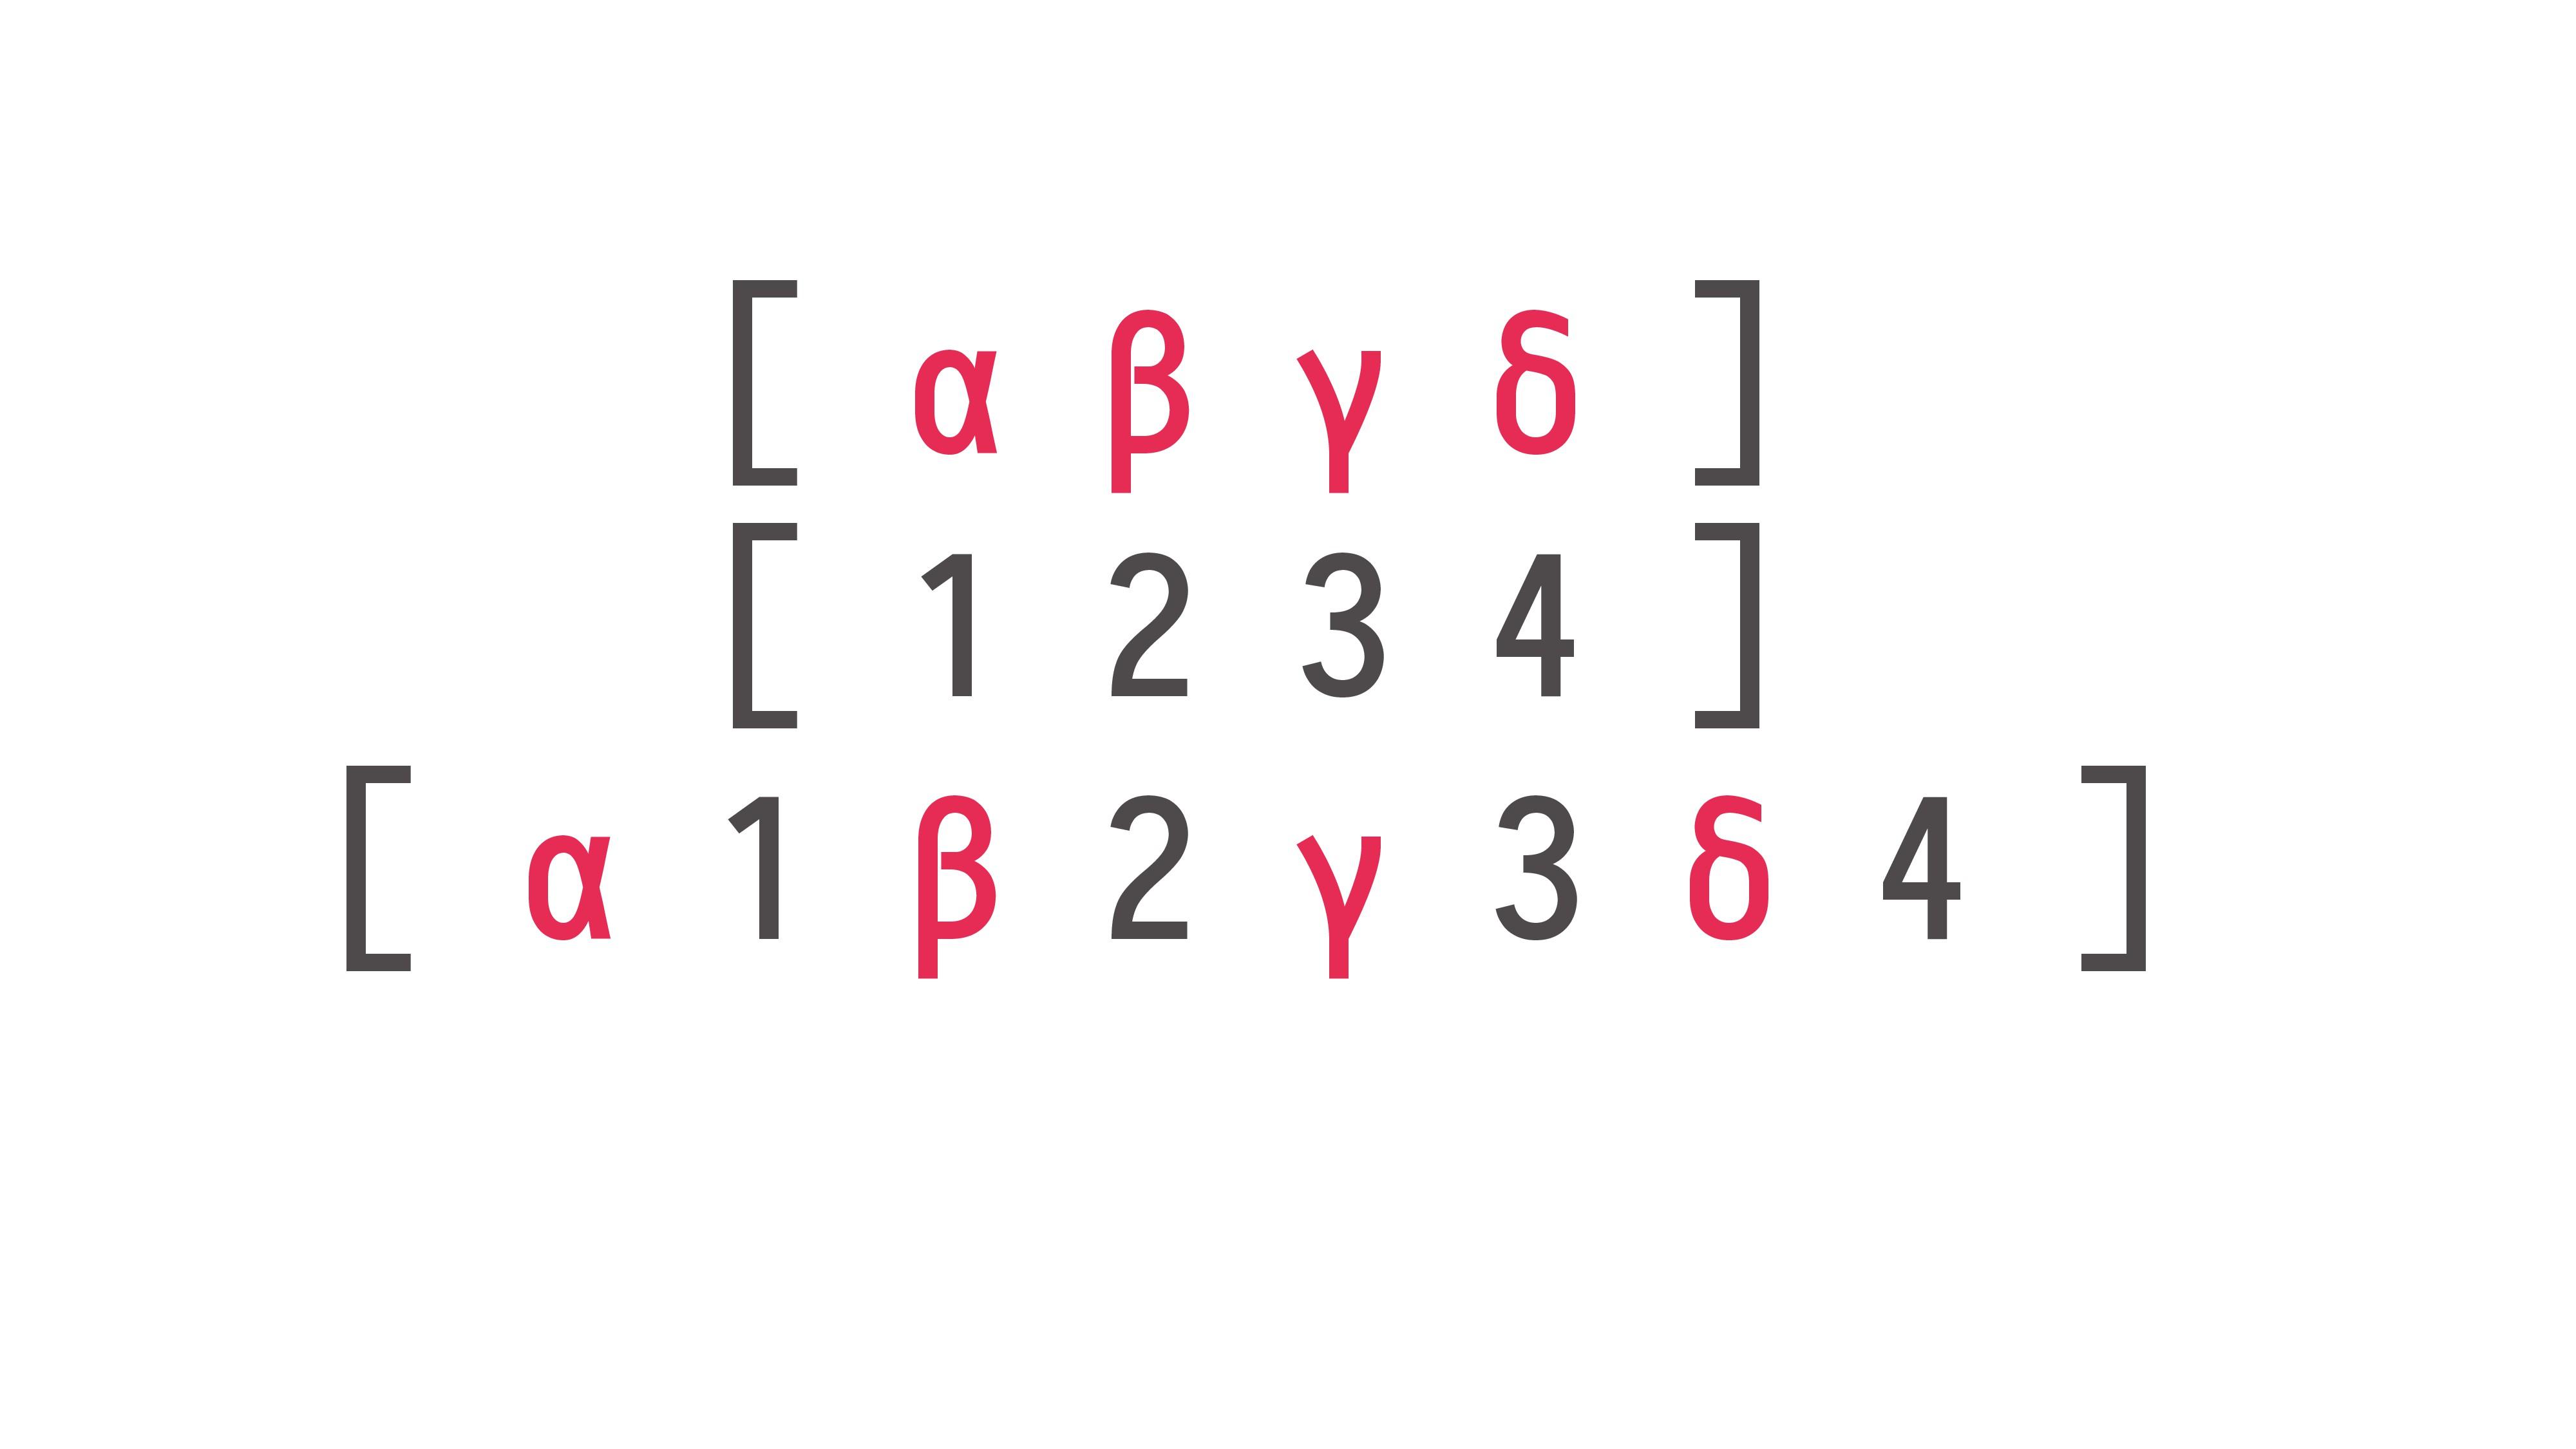 [ α β γ δ ] [ 1 2 3 4 ] [ α 1 β 2 γ 3 δ 4 ]